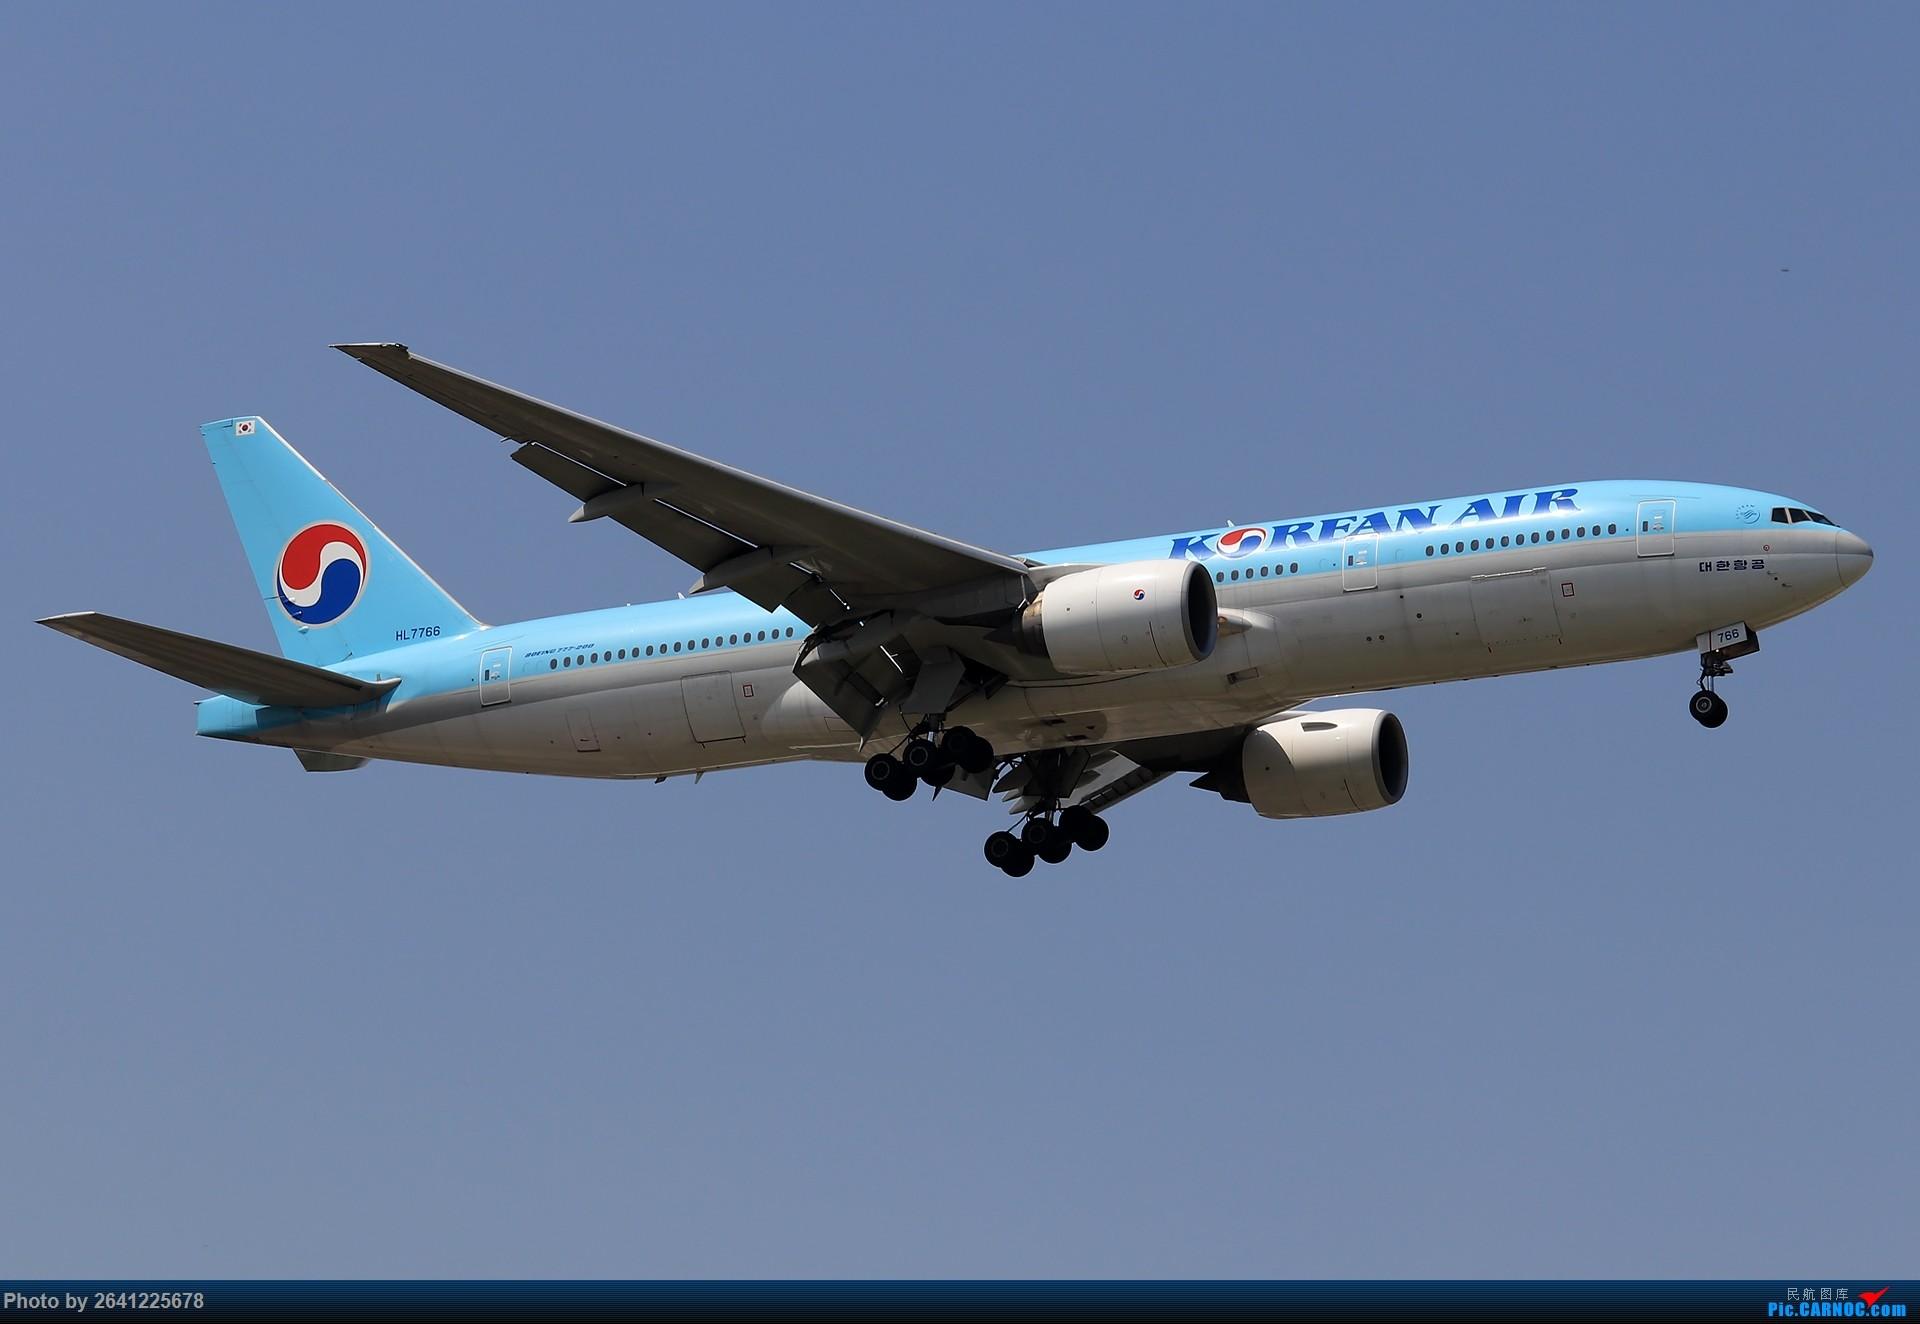 Re:[原创]*****试新机+新镜***** 1920(烂天+地热+渣技术,望大佬多多包涵) BOEING 777-200 HL7766 中国北京首都国际机场